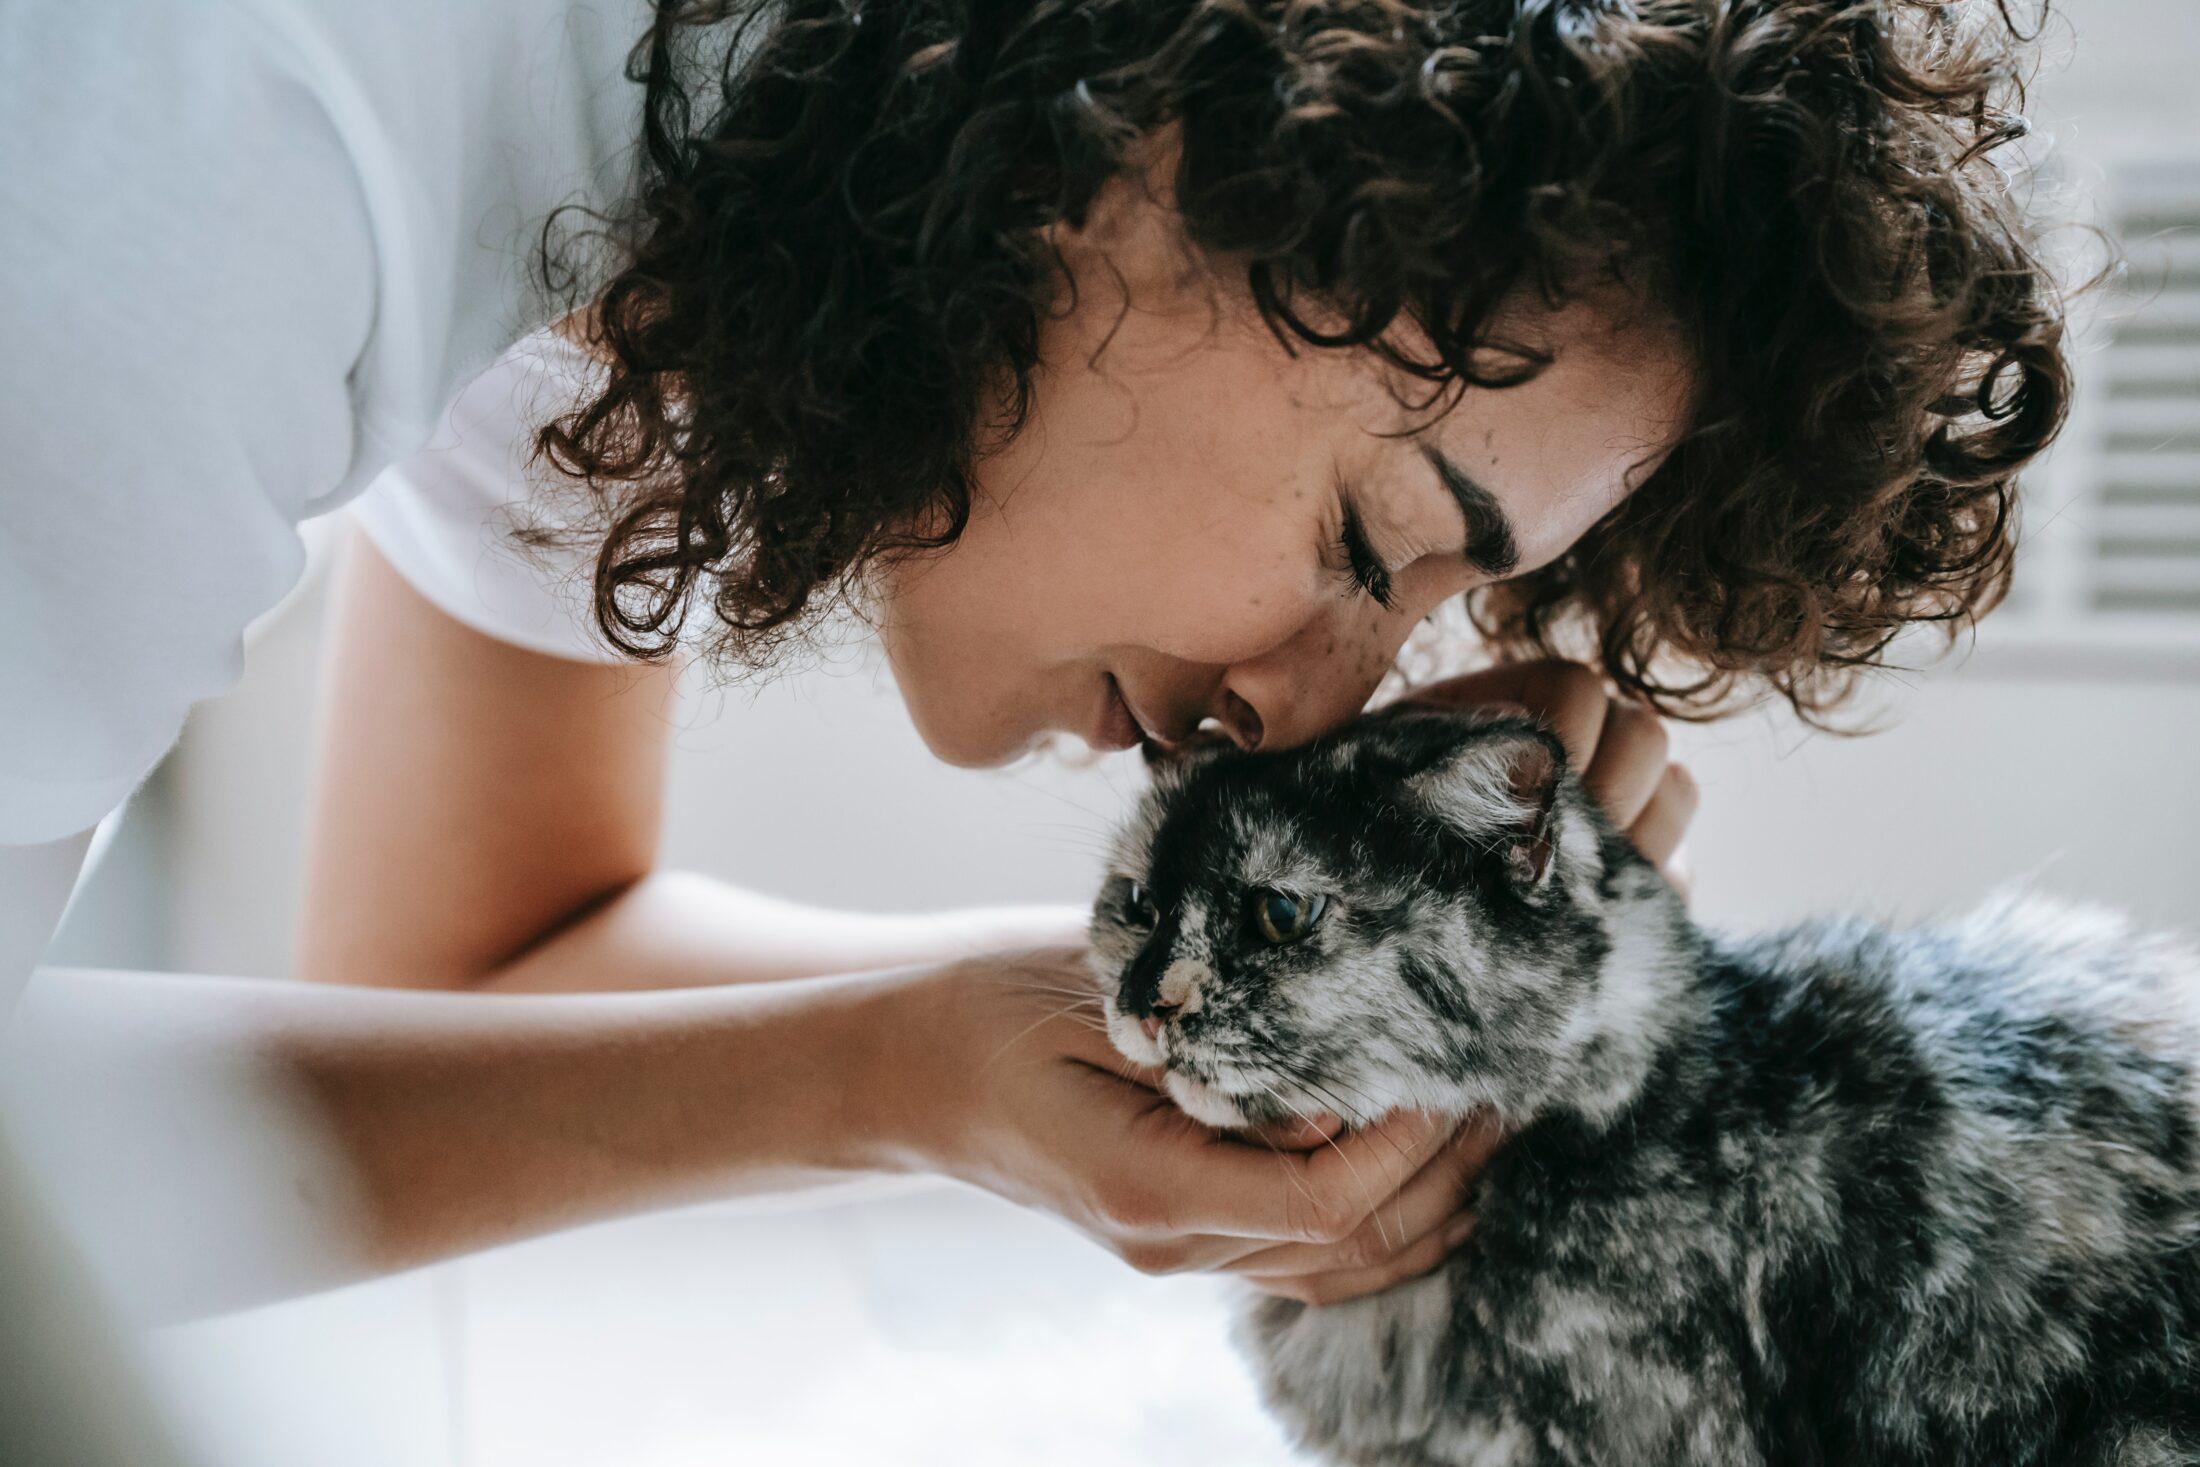 mulher com rosto colado no gato fazendo carinho